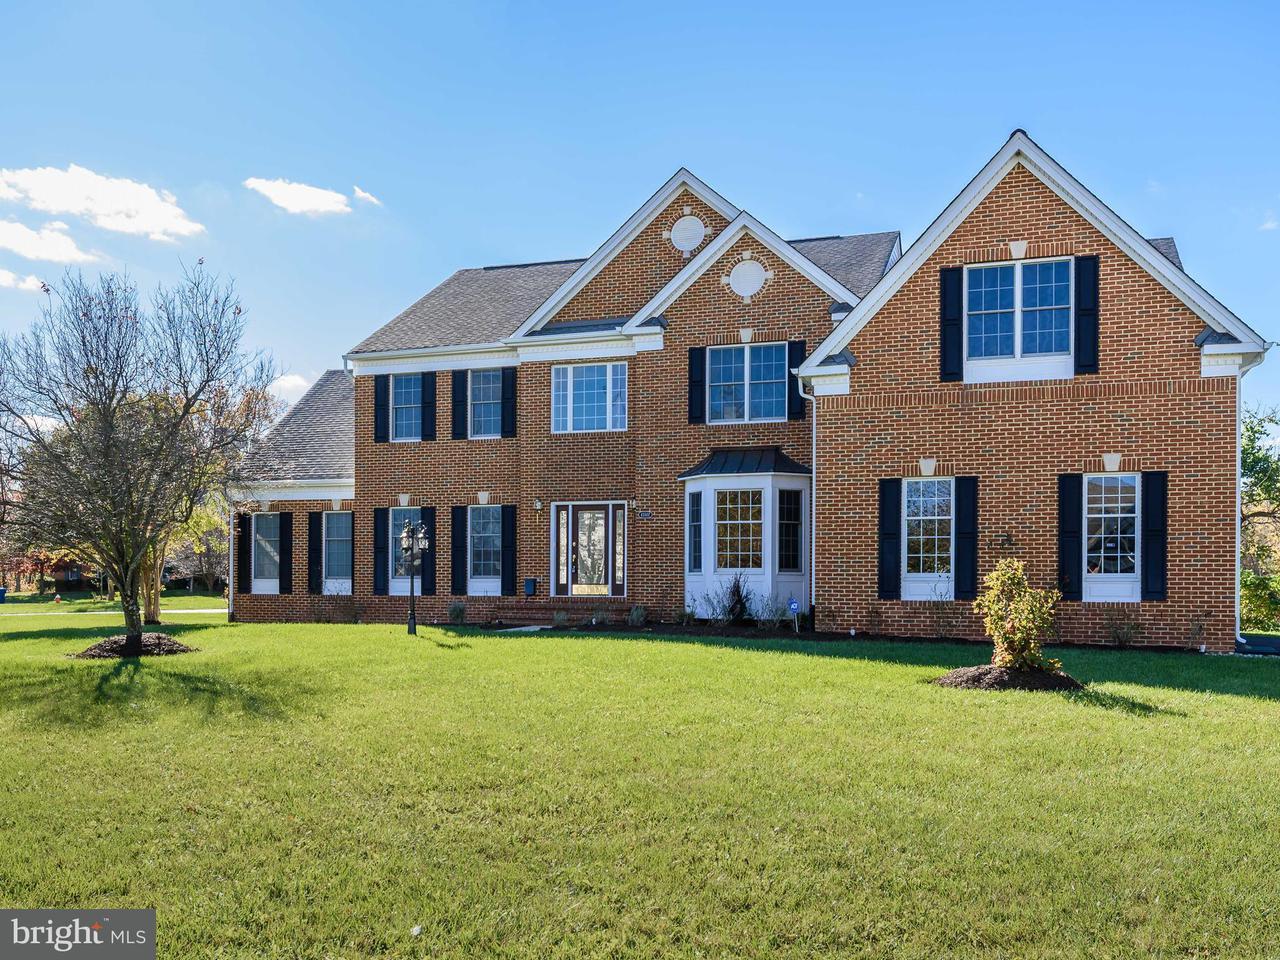 獨棟家庭住宅 為 出售 在 43507 OGDEN Place 43507 OGDEN Place Sterling, 弗吉尼亞州 20166 美國